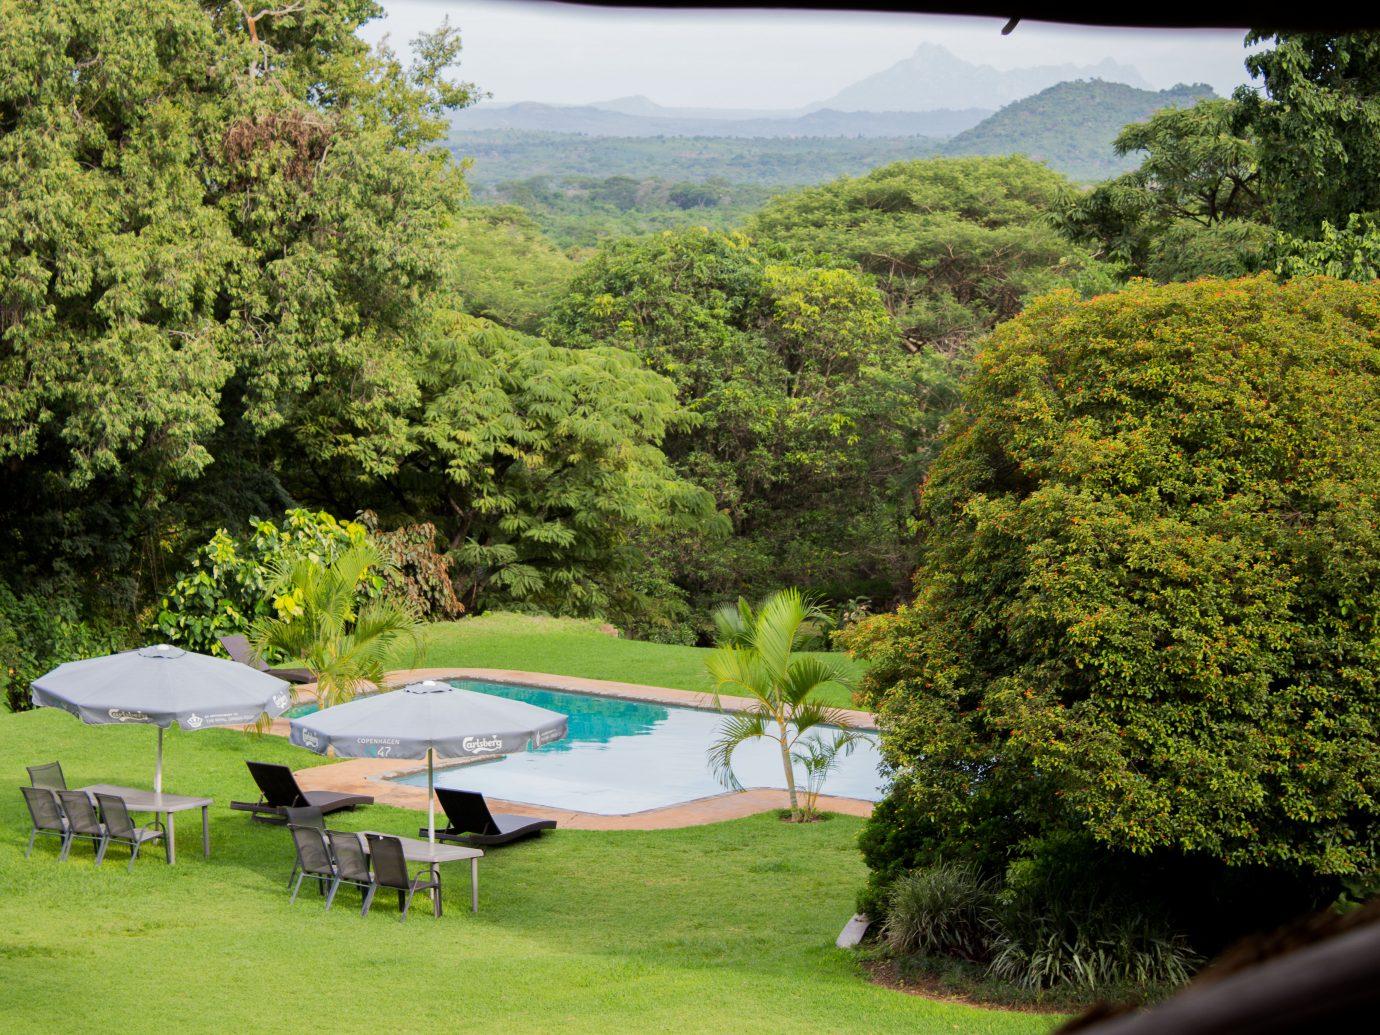 Pool at Kumbali Lodge